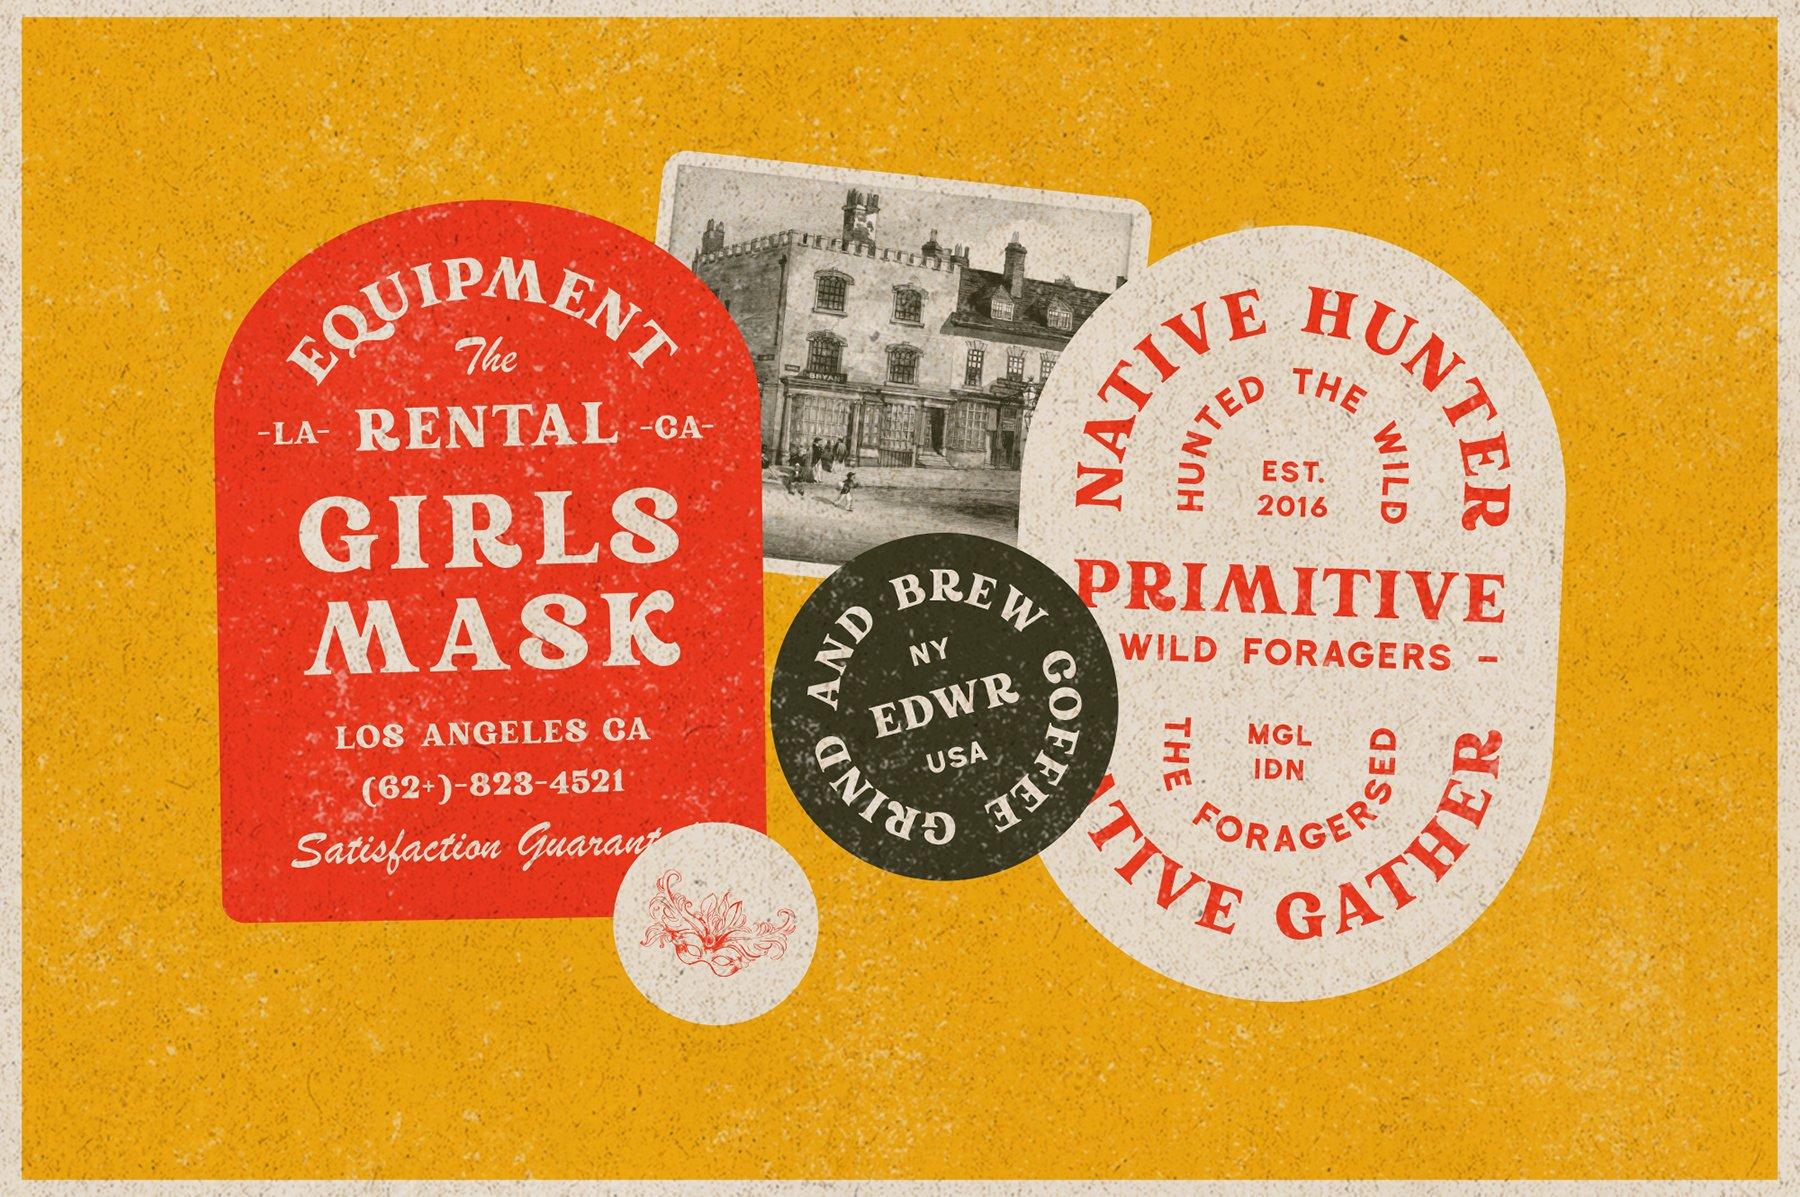 精美复古海报标题徽标Logo设计衬线英文字体素材 Rundeck – Vintage Texture Font插图2